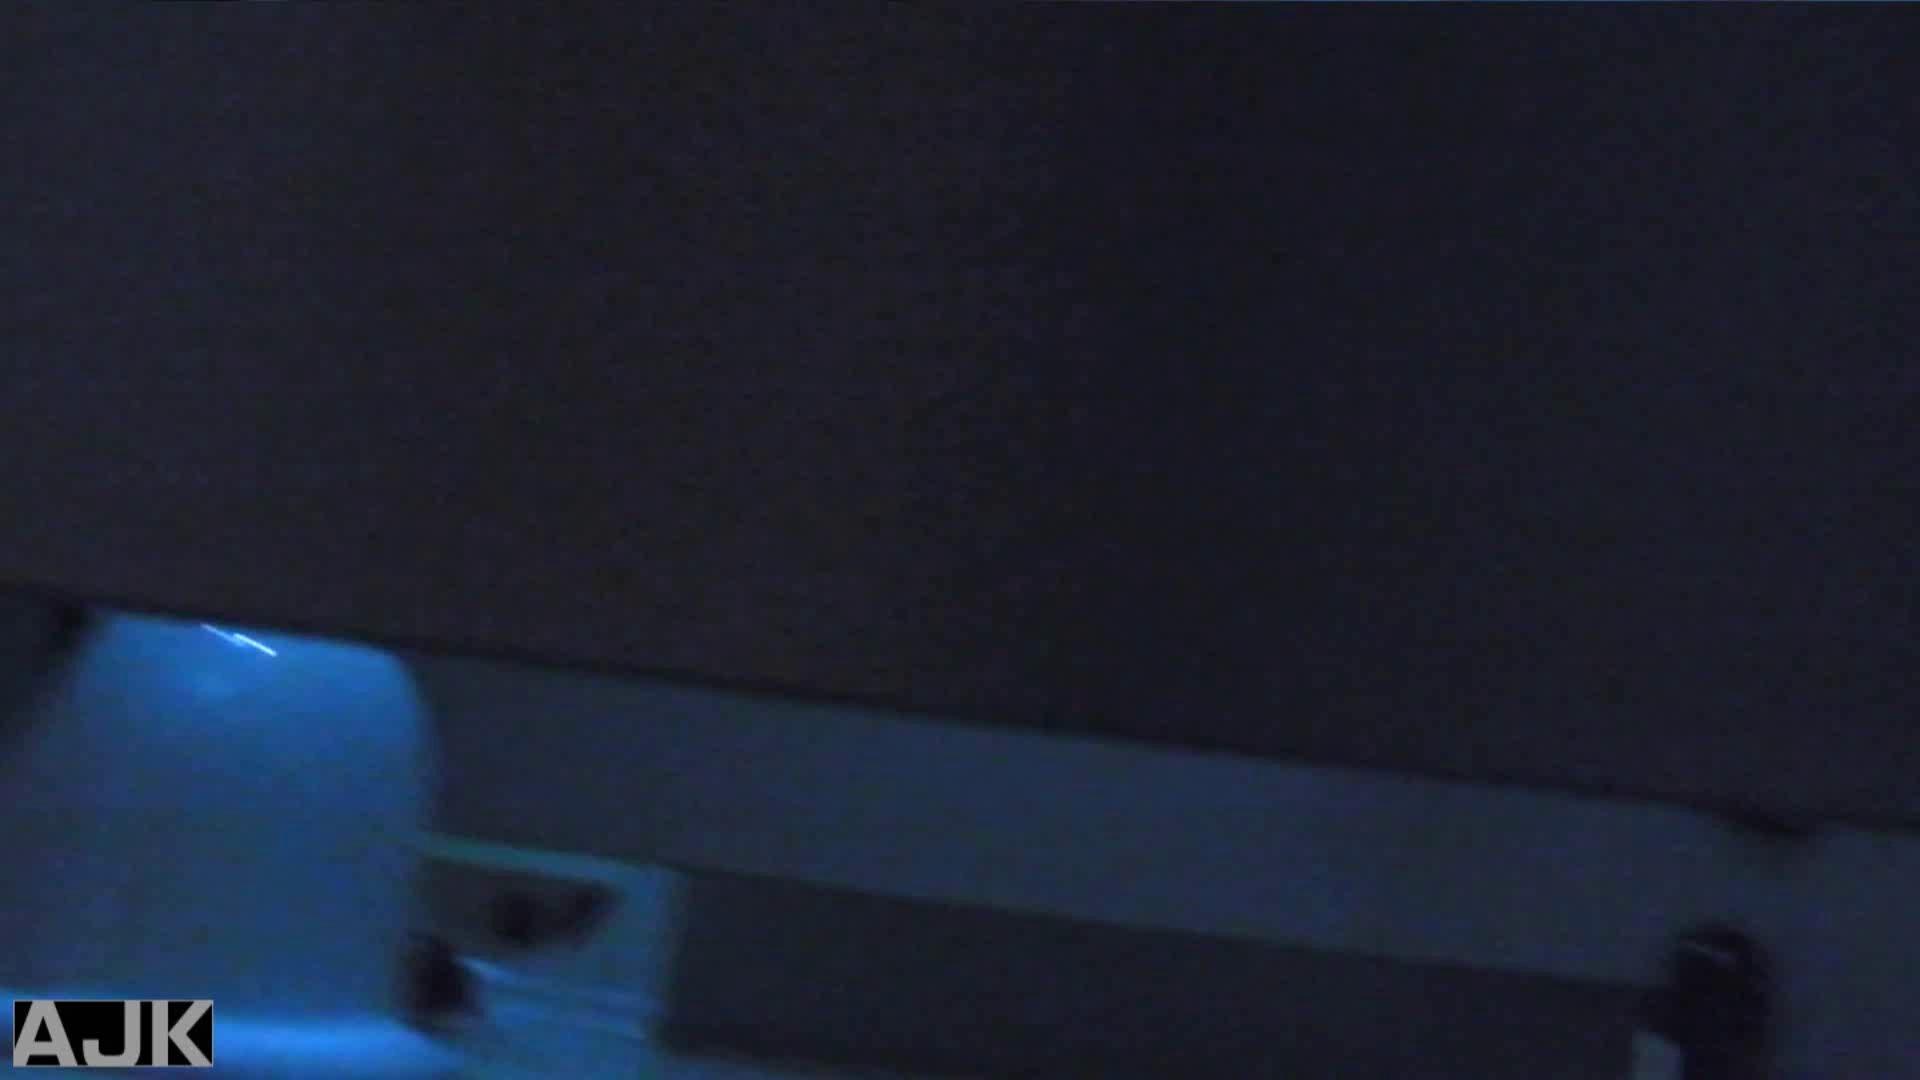 神降臨!史上最強の潜入かわや! vol.05 美女ヌード 盗撮動画紹介 81画像 12